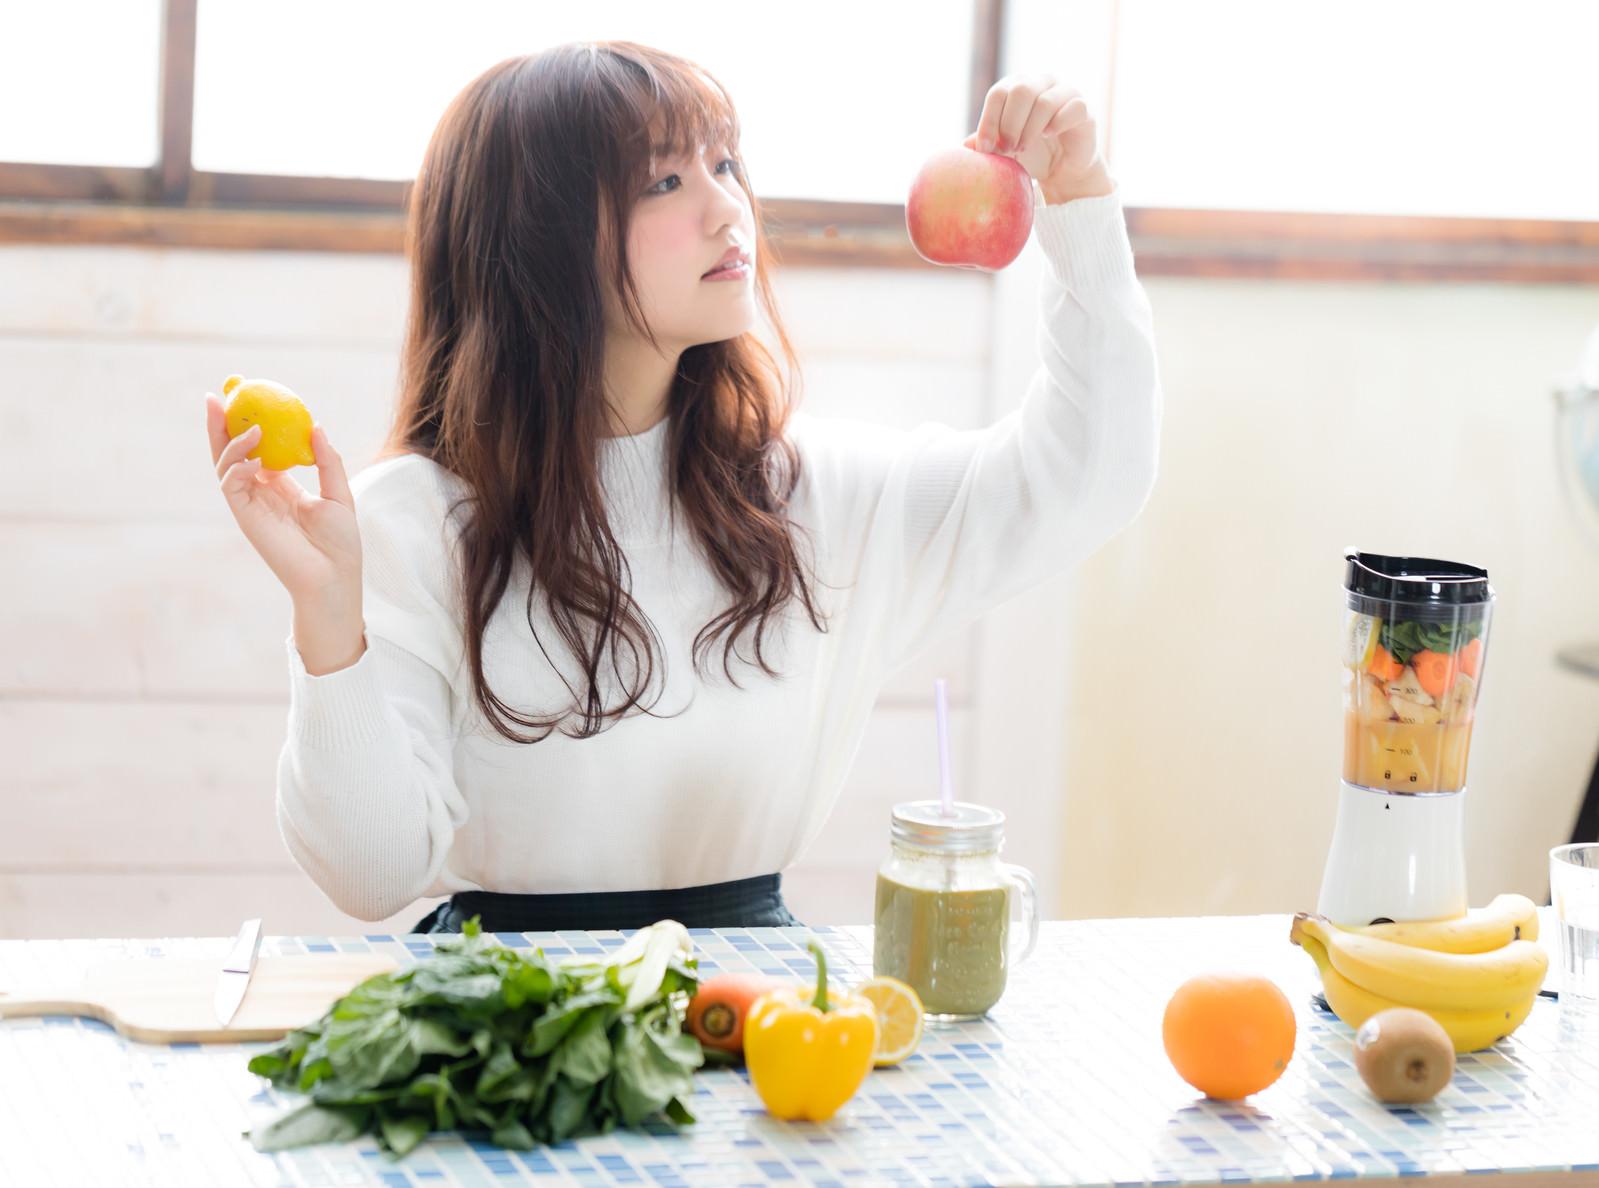 「スムージーに入れる果物(リンゴ・レモン)を選ぶ若い女性スムージーに入れる果物(リンゴ・レモン)を選ぶ若い女性」[モデル:河村友歌]のフリー写真素材を拡大